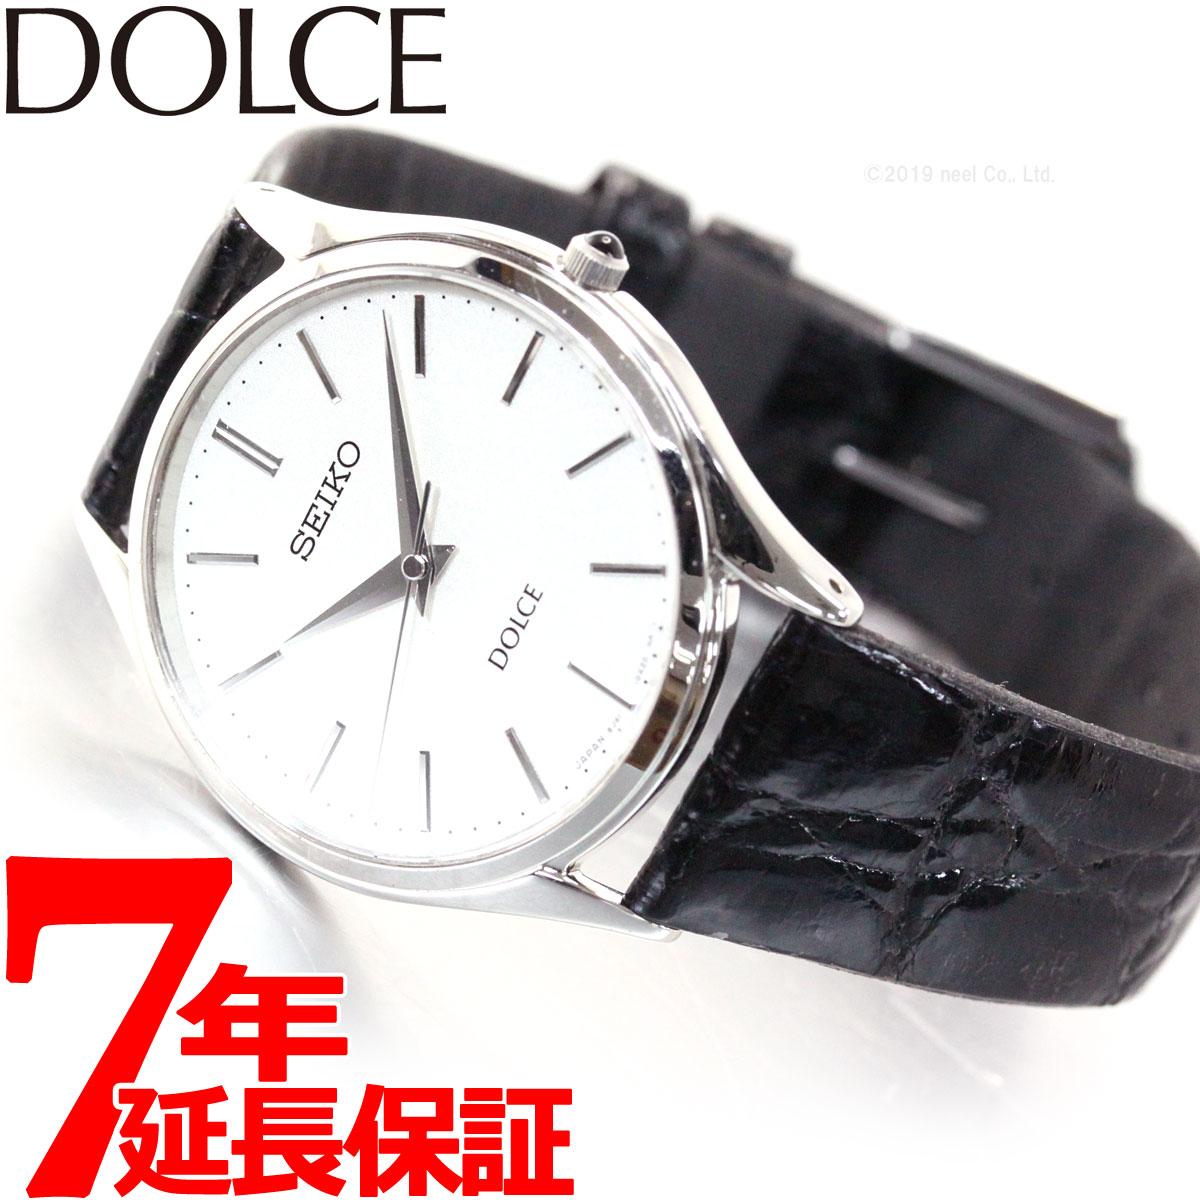 腕時計, ペアウォッチ 5000OFF37.5 SEIKO DOLCE SACM171